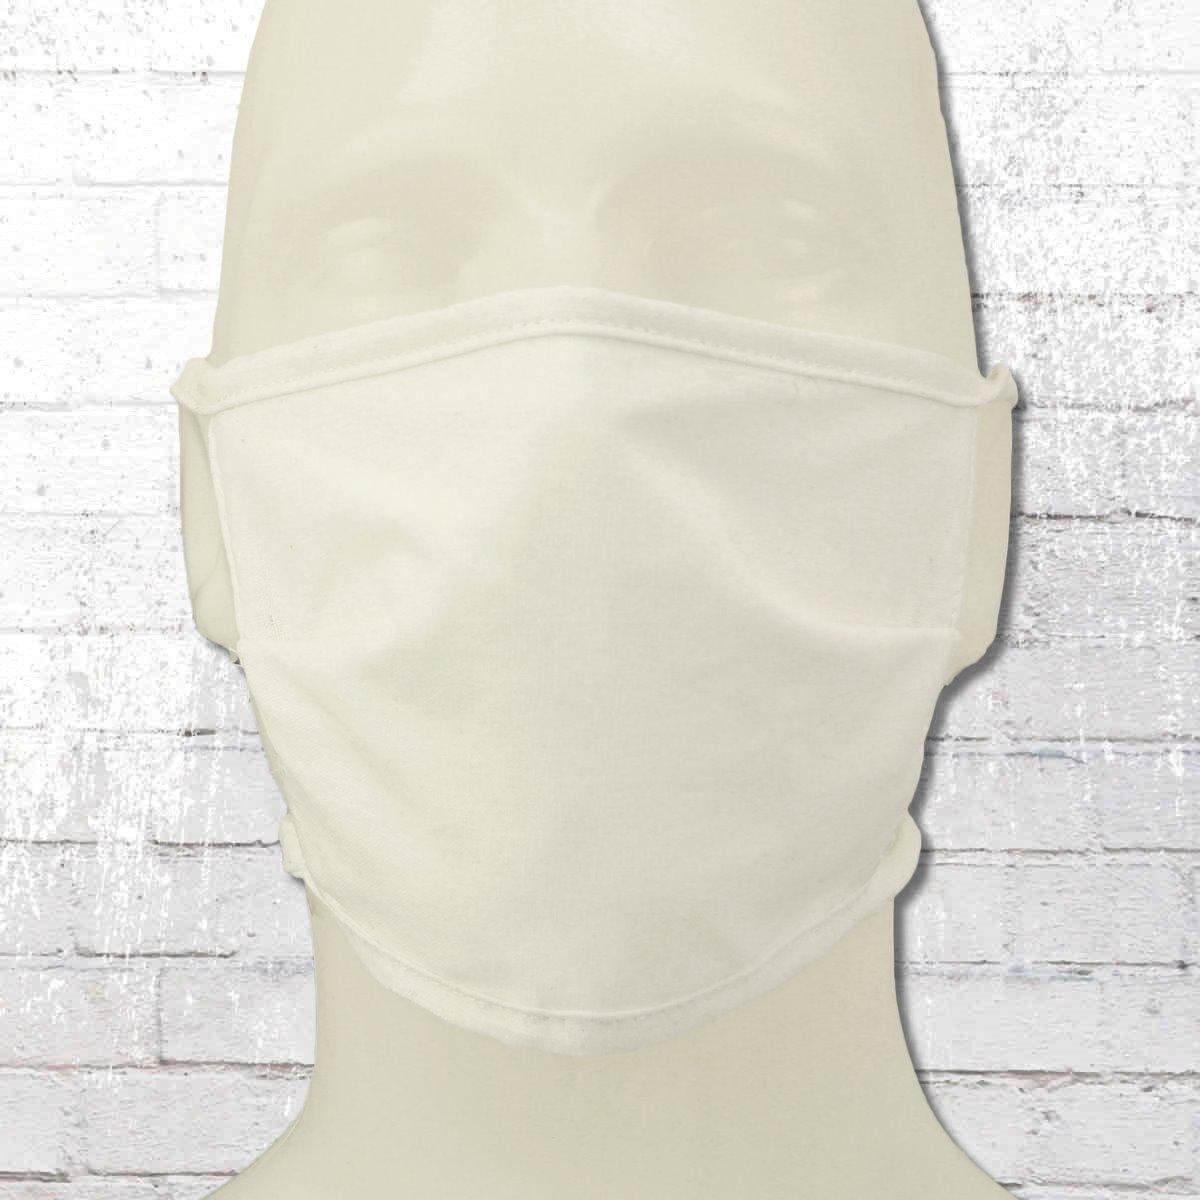 10er Pack Allbag Mund-Nasen-Maske mit Vliess Einlage weiss